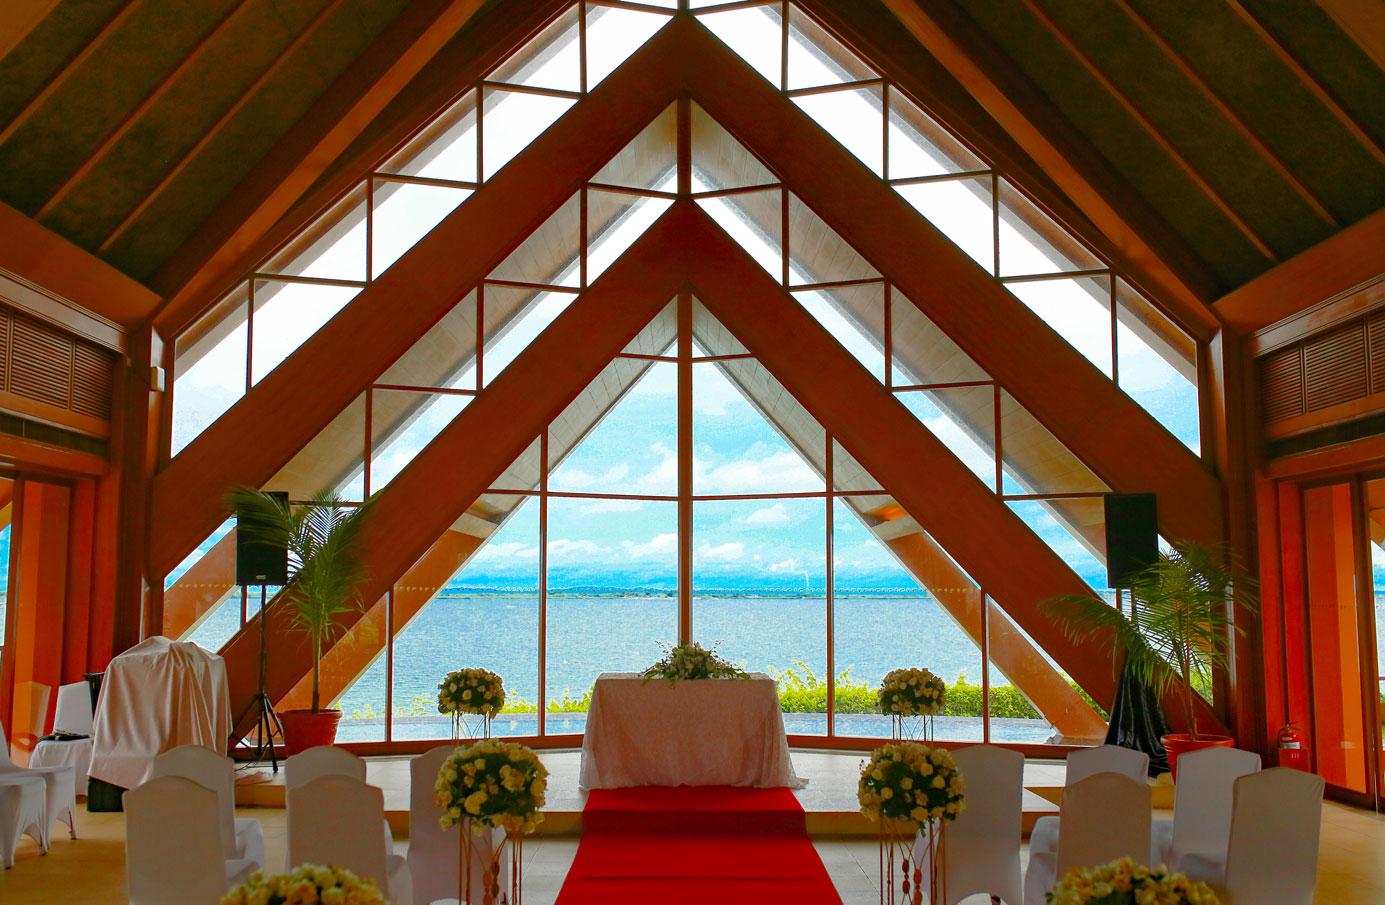 cebu-wedding-chapel-shangrila (8)